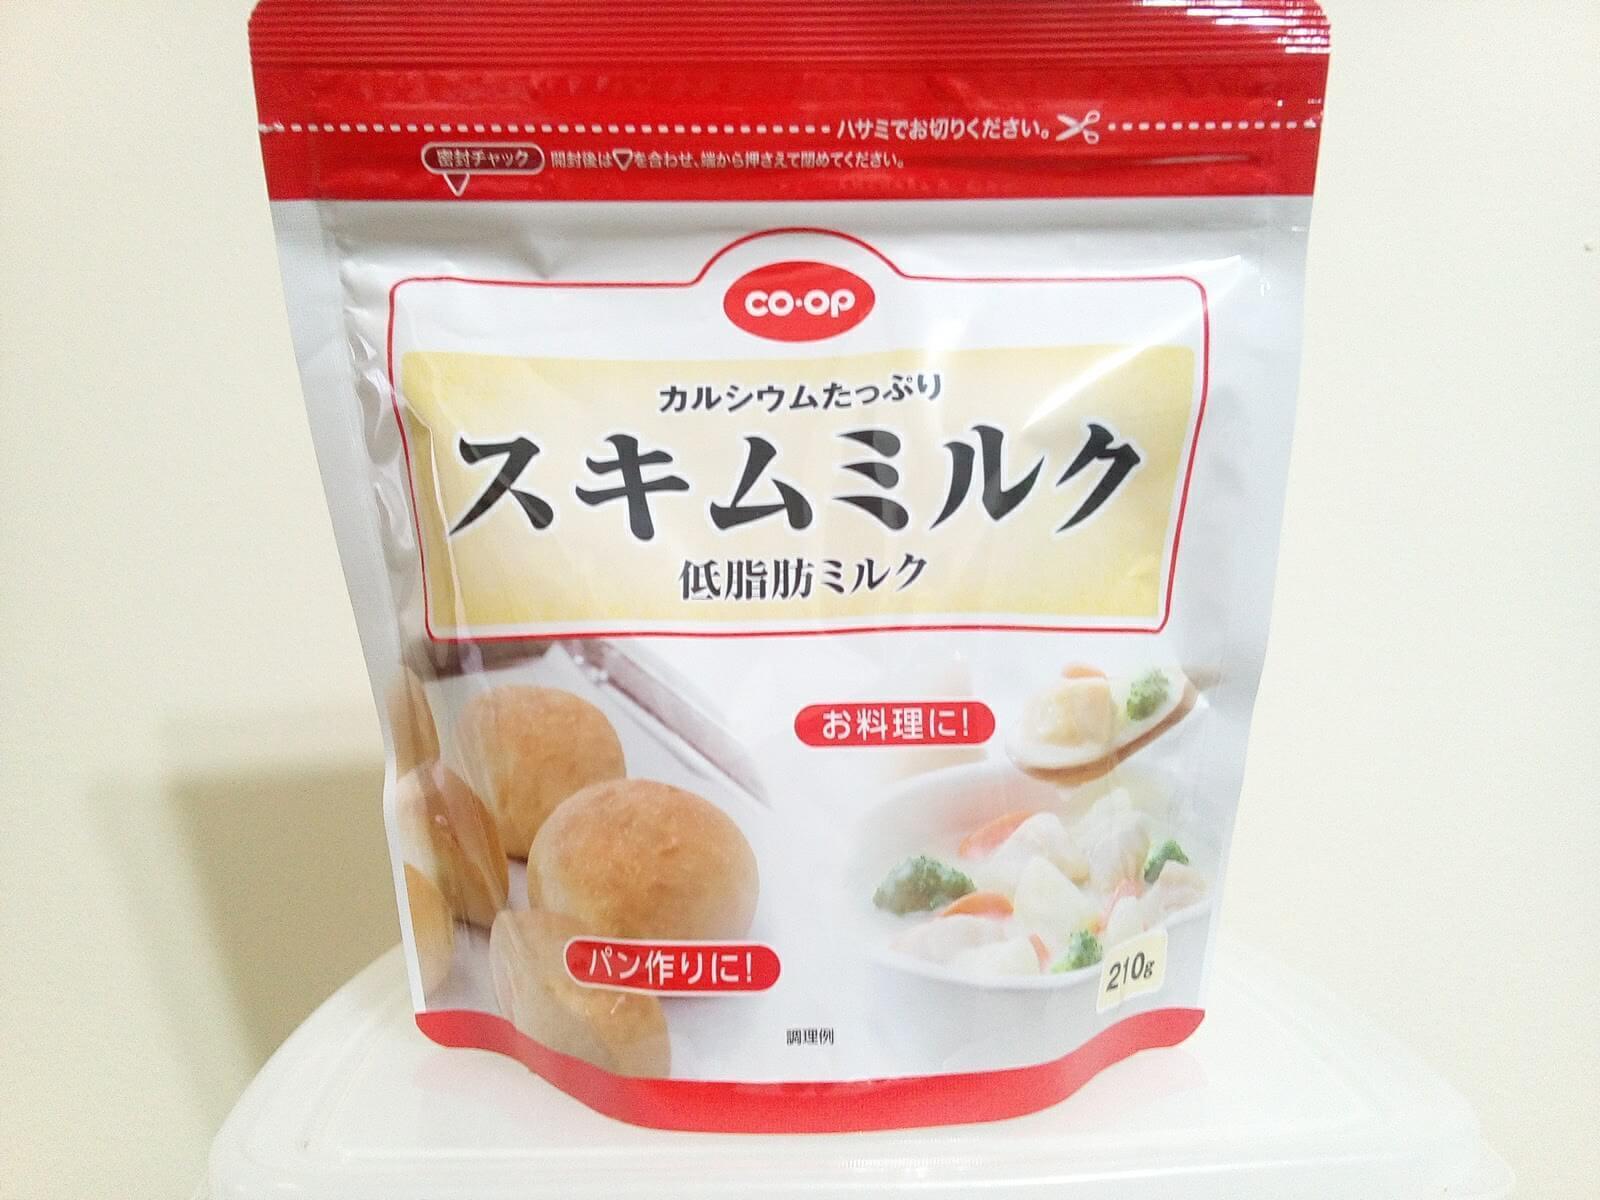 コープ スキムミルク 210g